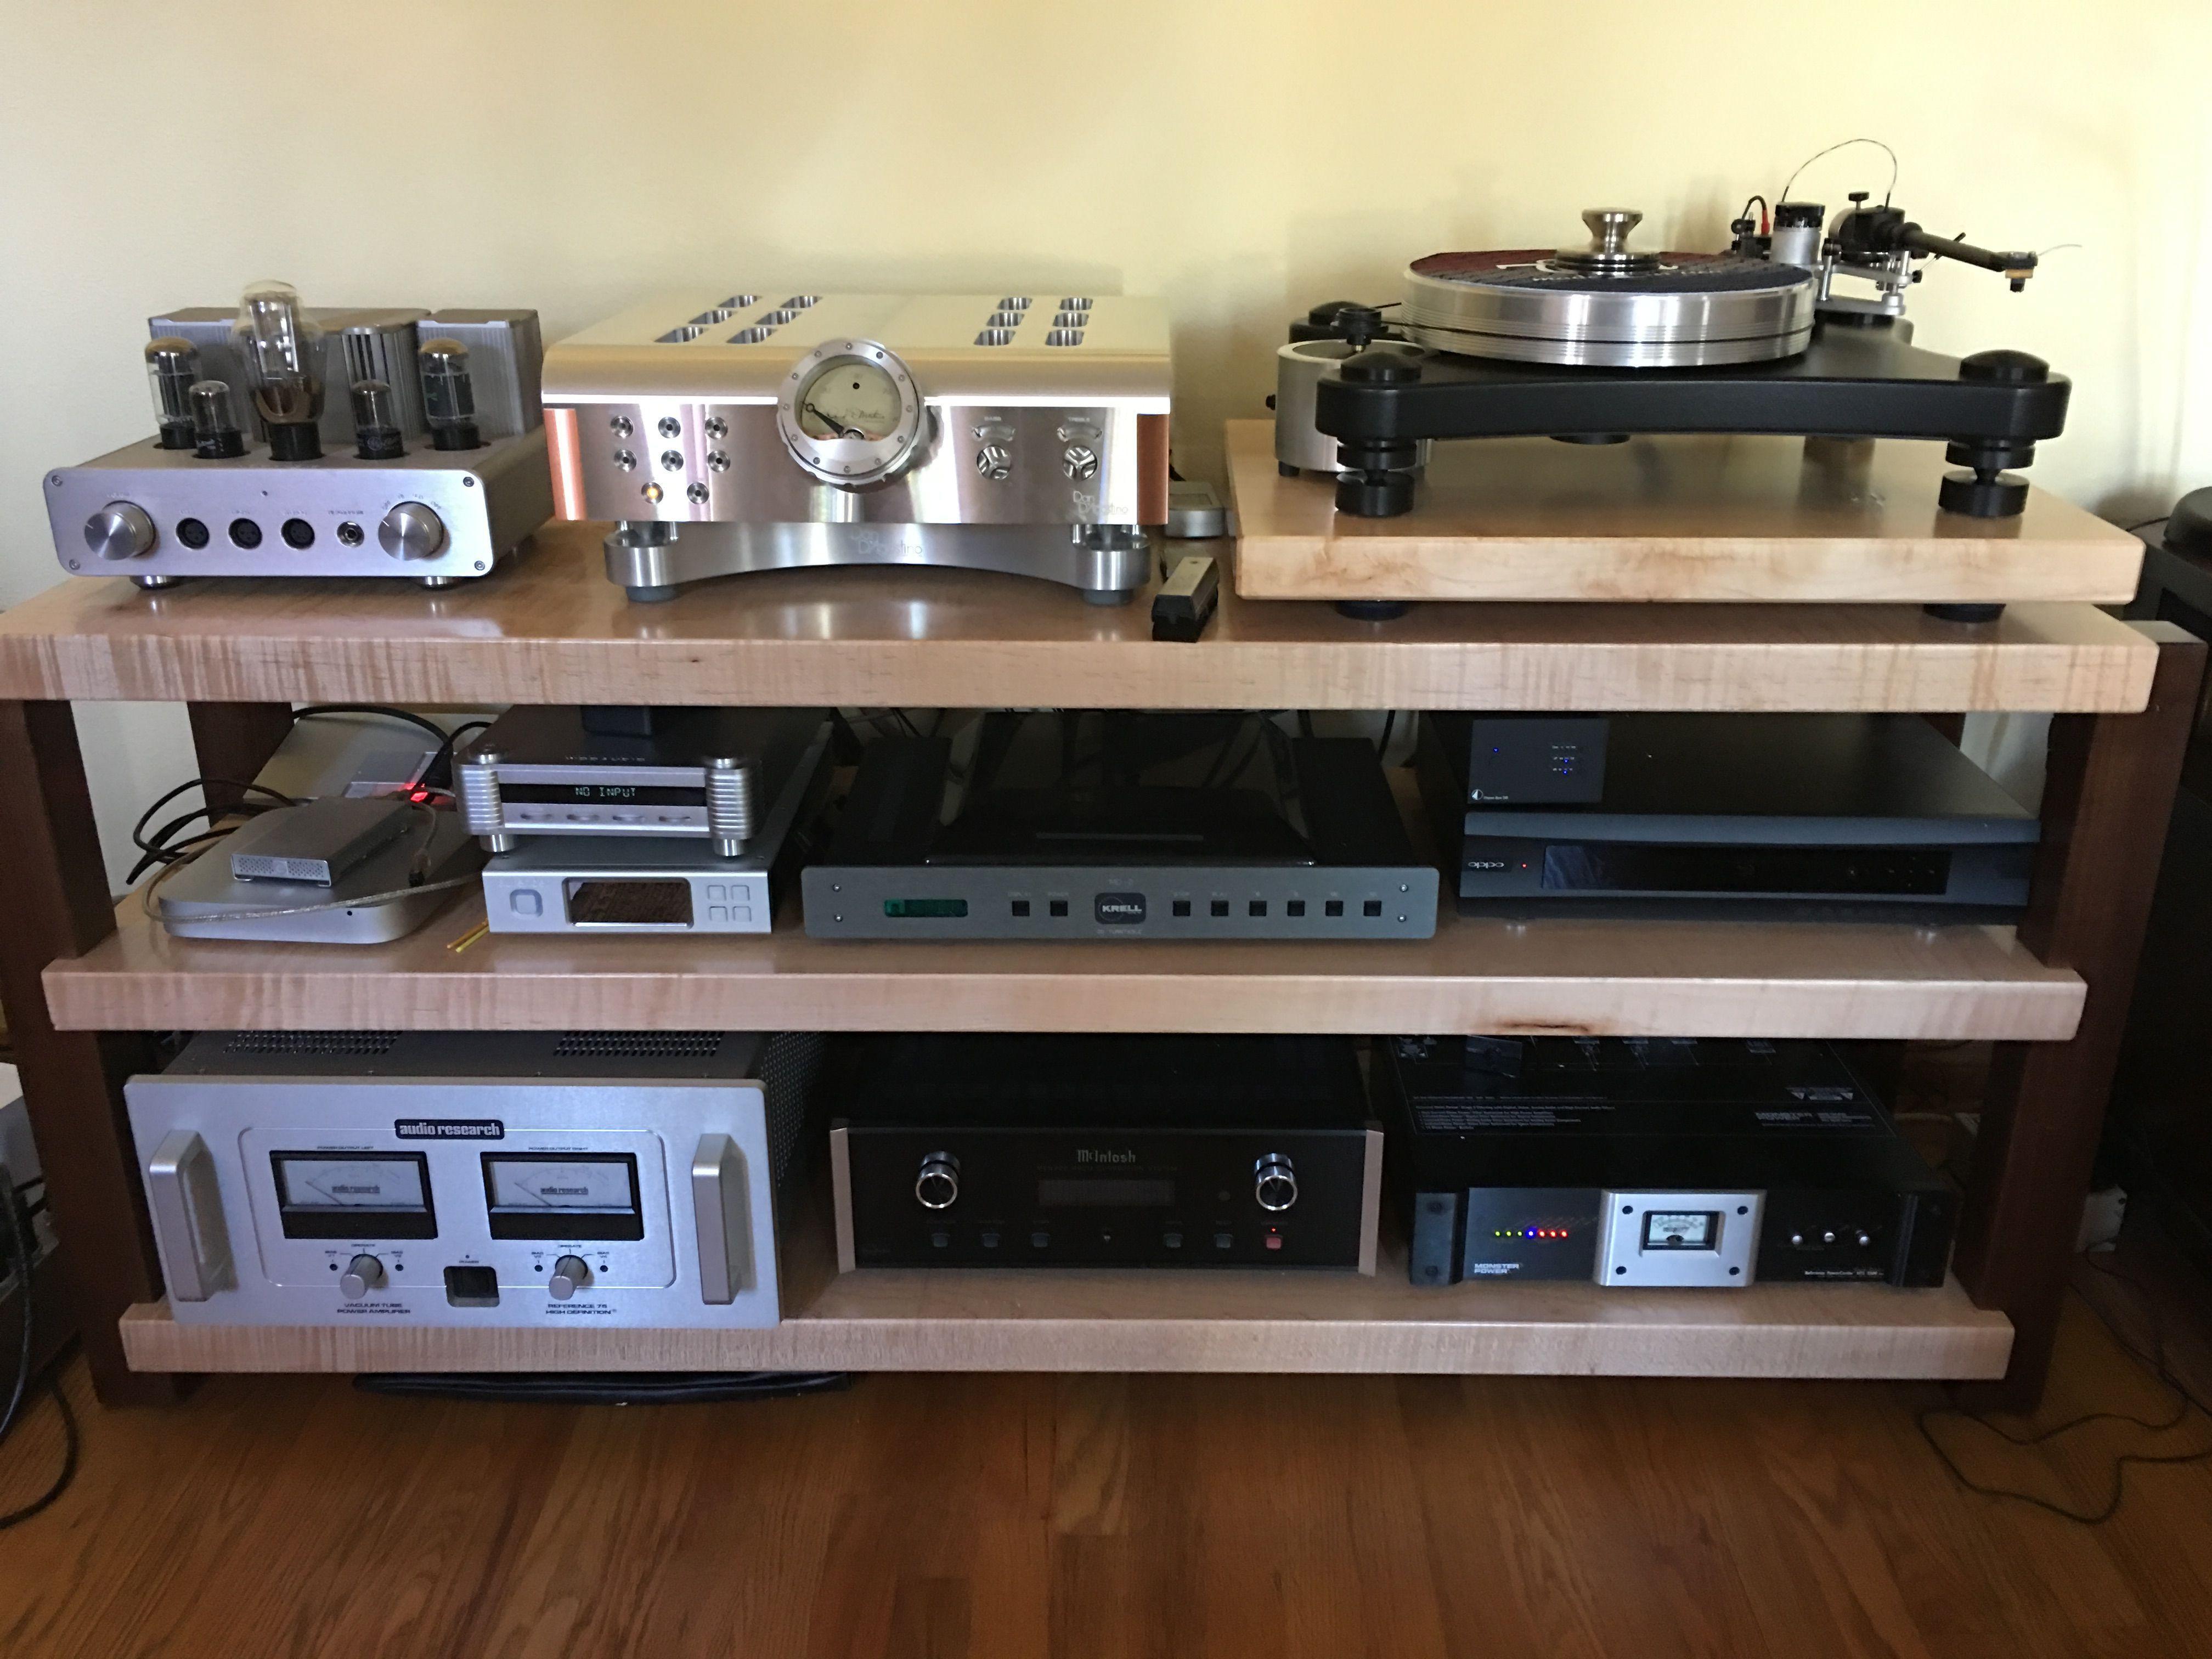 elegant size cabinets of marvellous home corner inside uncategorized stereo good audio vti in racks cabinet component full for rack